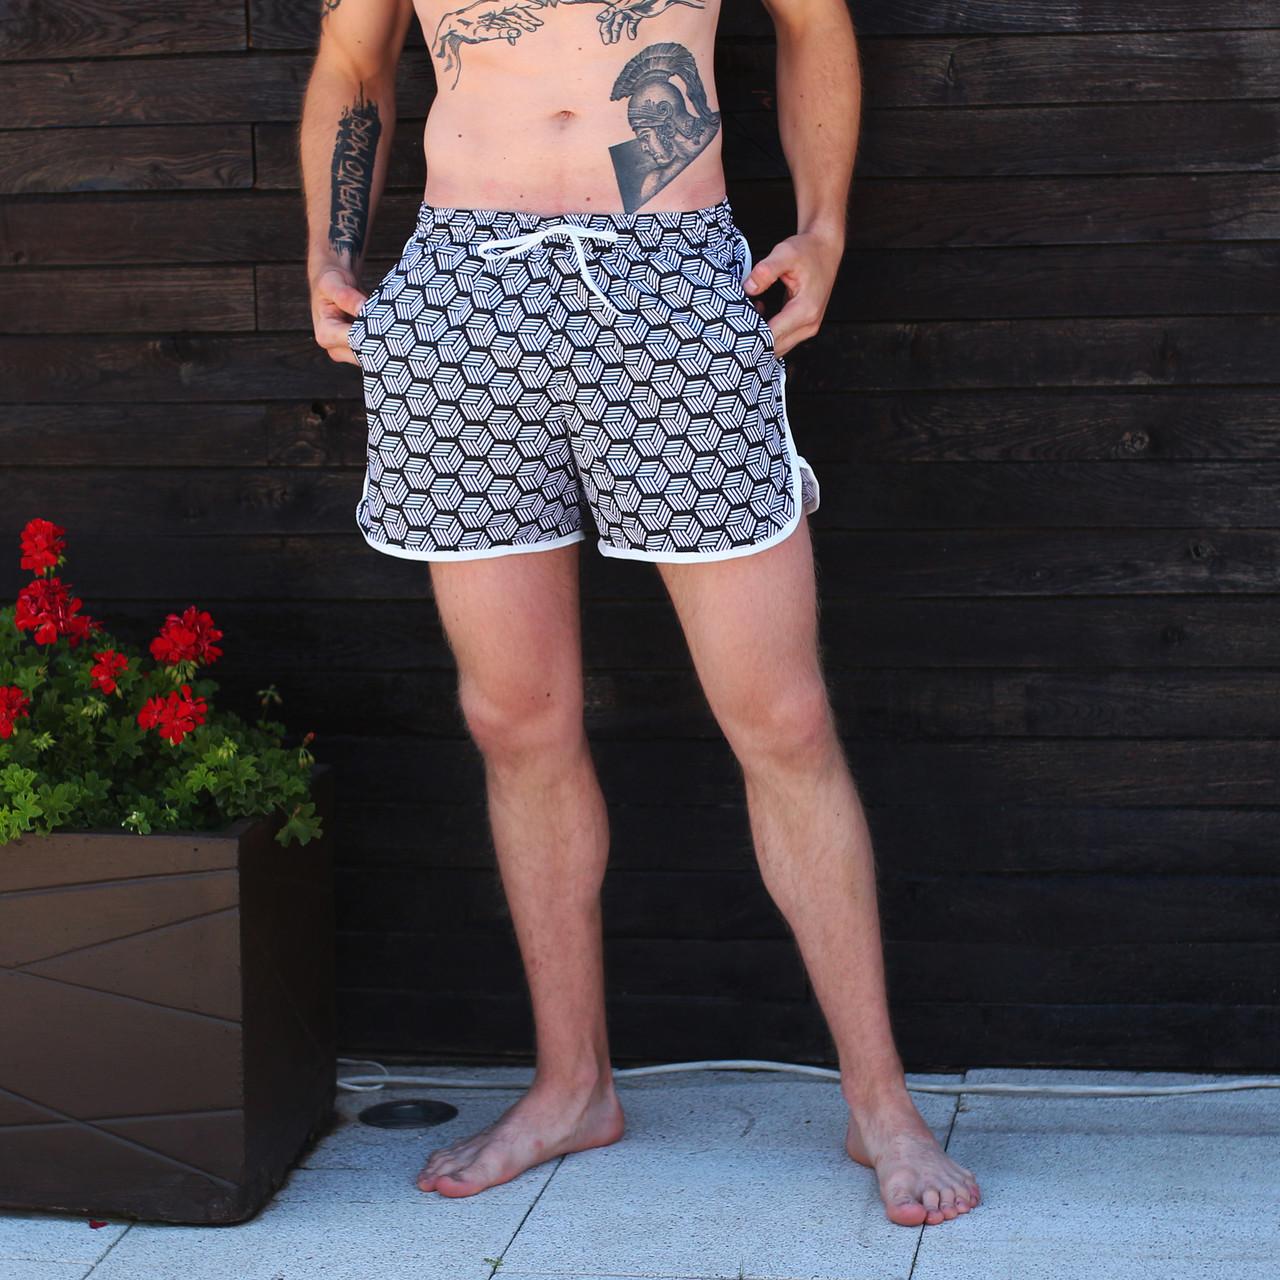 Плавки мужские с принтом бренд ТУР модель Ромб  ( Romb) размер S, M, L, XL,XXL, XXХL